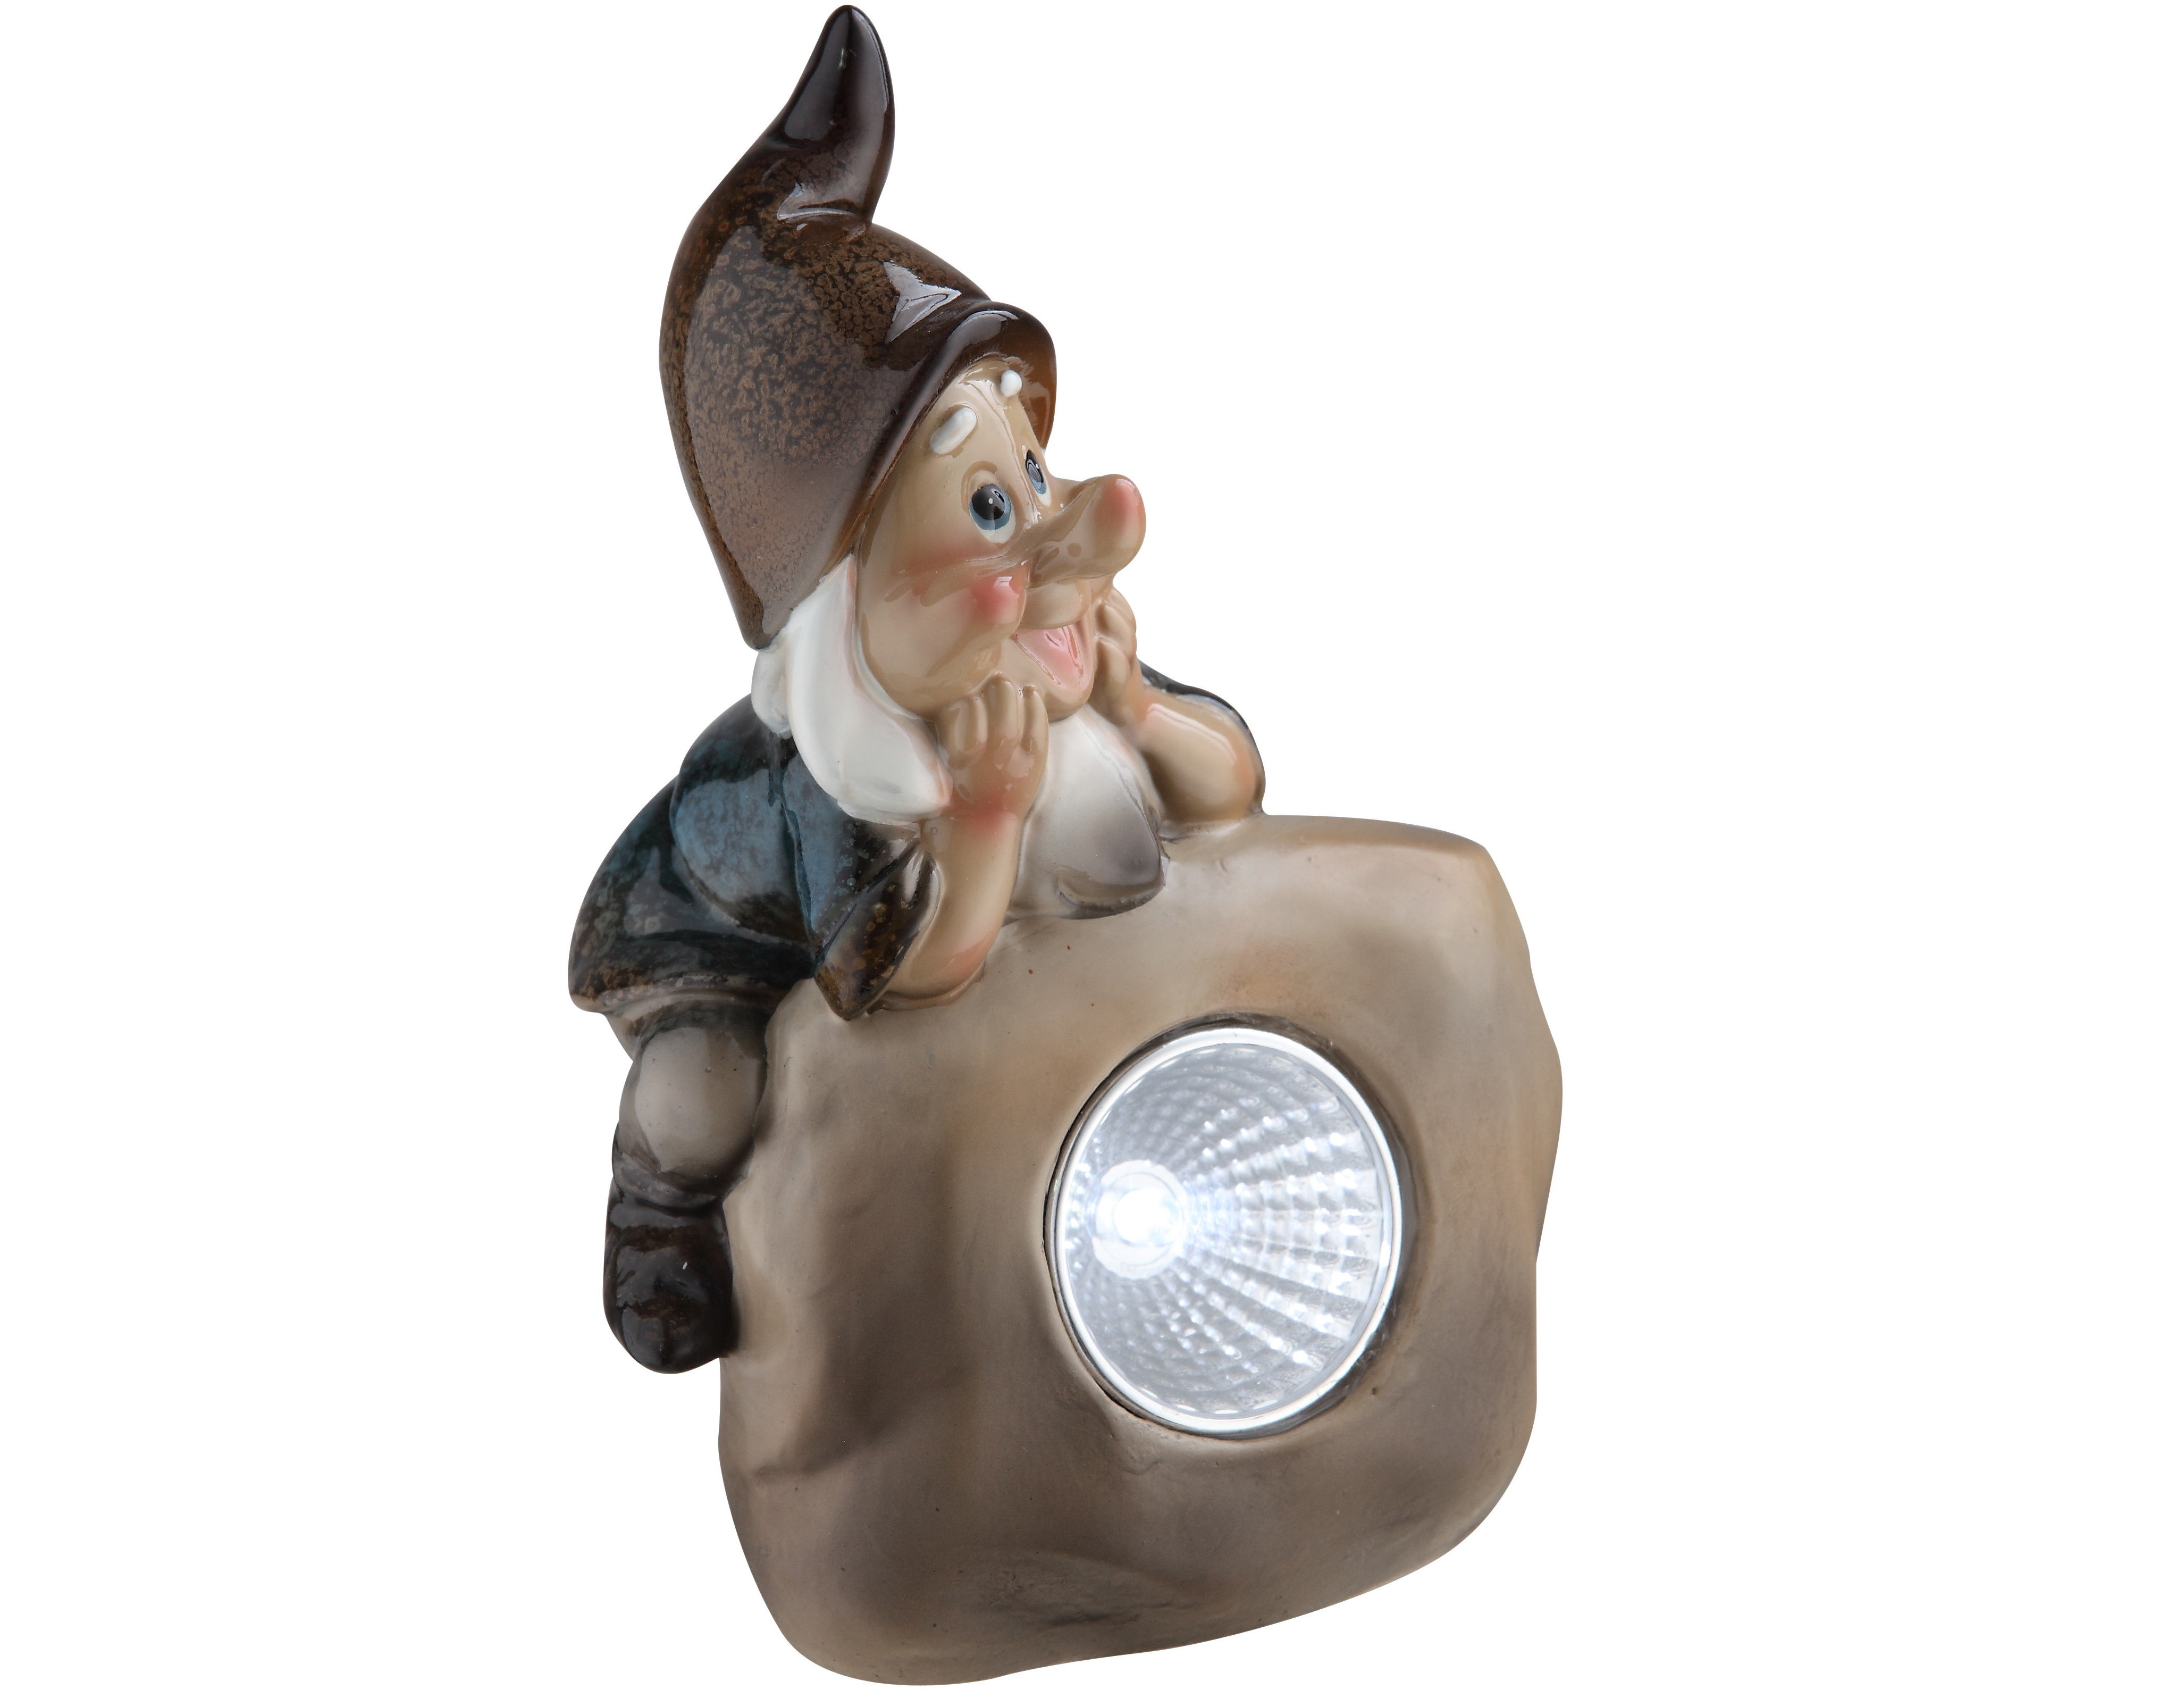 Светильник уличный (12 шт. в комплекте)Уличные встраиваемые светильники<br>&amp;lt;div&amp;gt;&amp;lt;div&amp;gt;Тип цоколя: LED&amp;lt;/div&amp;gt;&amp;lt;div&amp;gt;Мощность: 0,06W&amp;lt;/div&amp;gt;&amp;lt;div&amp;gt;Кол-во ламп: 1 (в комплекте)&amp;lt;/div&amp;gt;&amp;lt;/div&amp;gt;&amp;lt;div&amp;gt;&amp;lt;br&amp;gt;&amp;lt;/div&amp;gt;<br><br>Material: Пластик<br>Width см: 9<br>Depth см: 6,5<br>Height см: 13,5